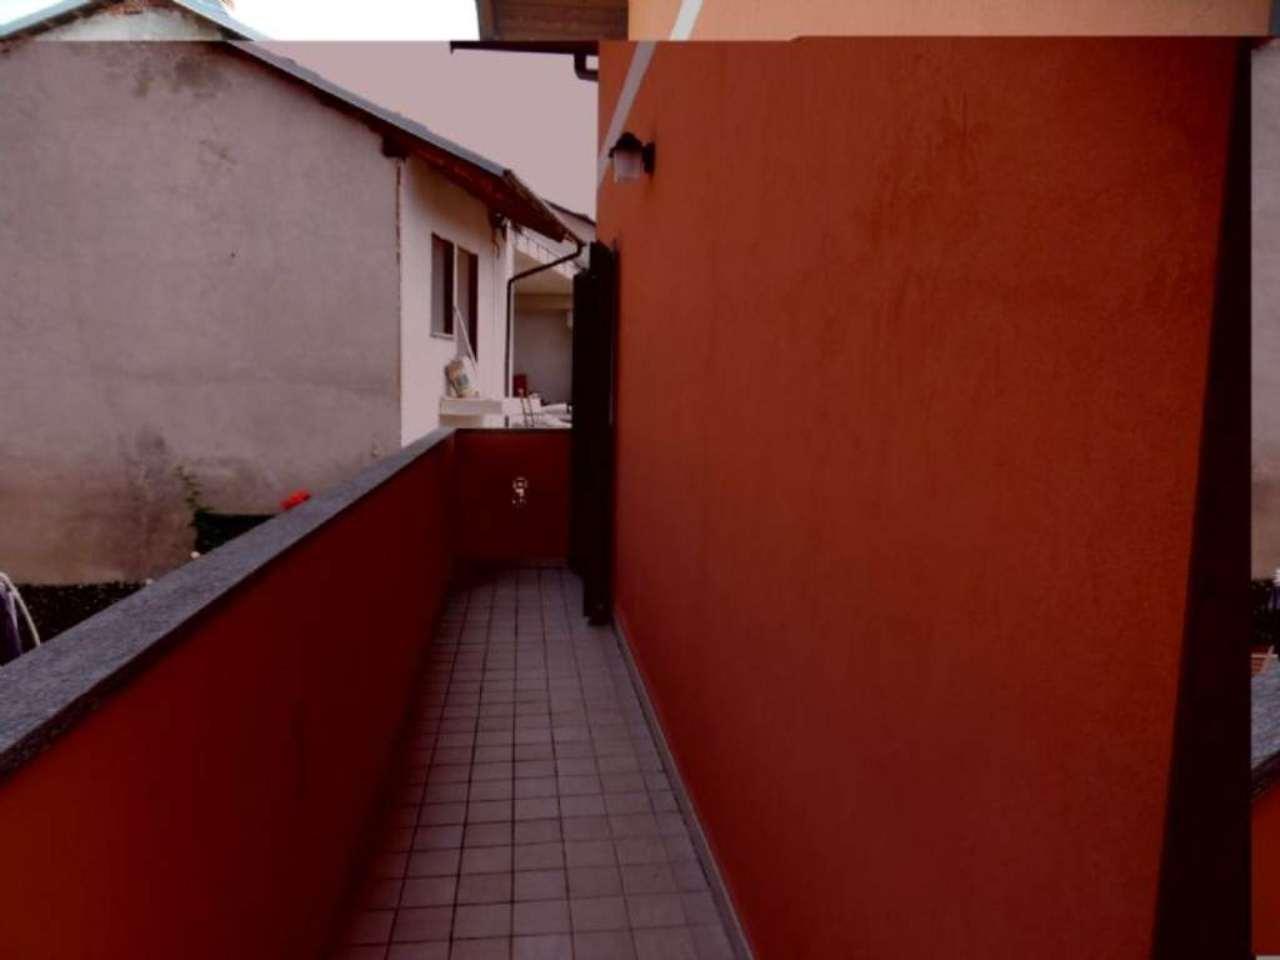 Villetta a schiera su più livelli con ampio giardino , foto 15